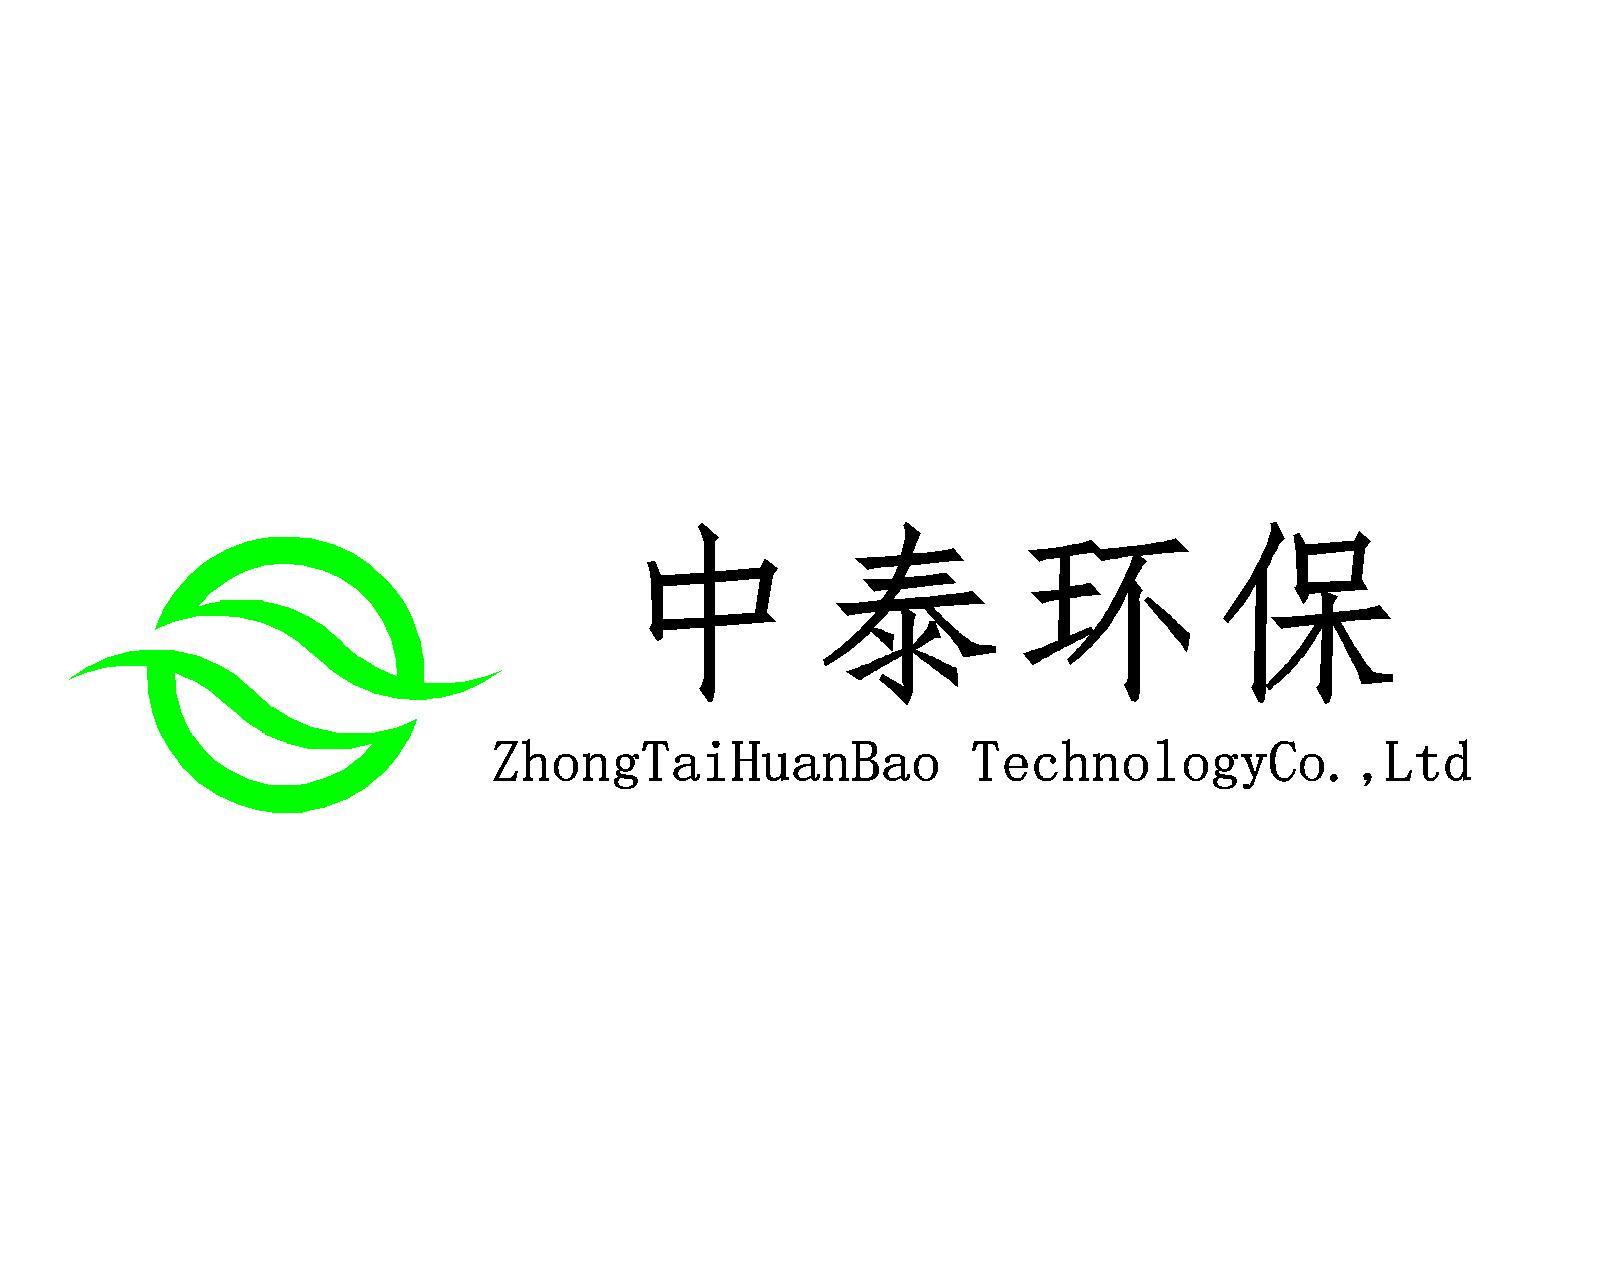 潍坊中泰环保科技有限公司